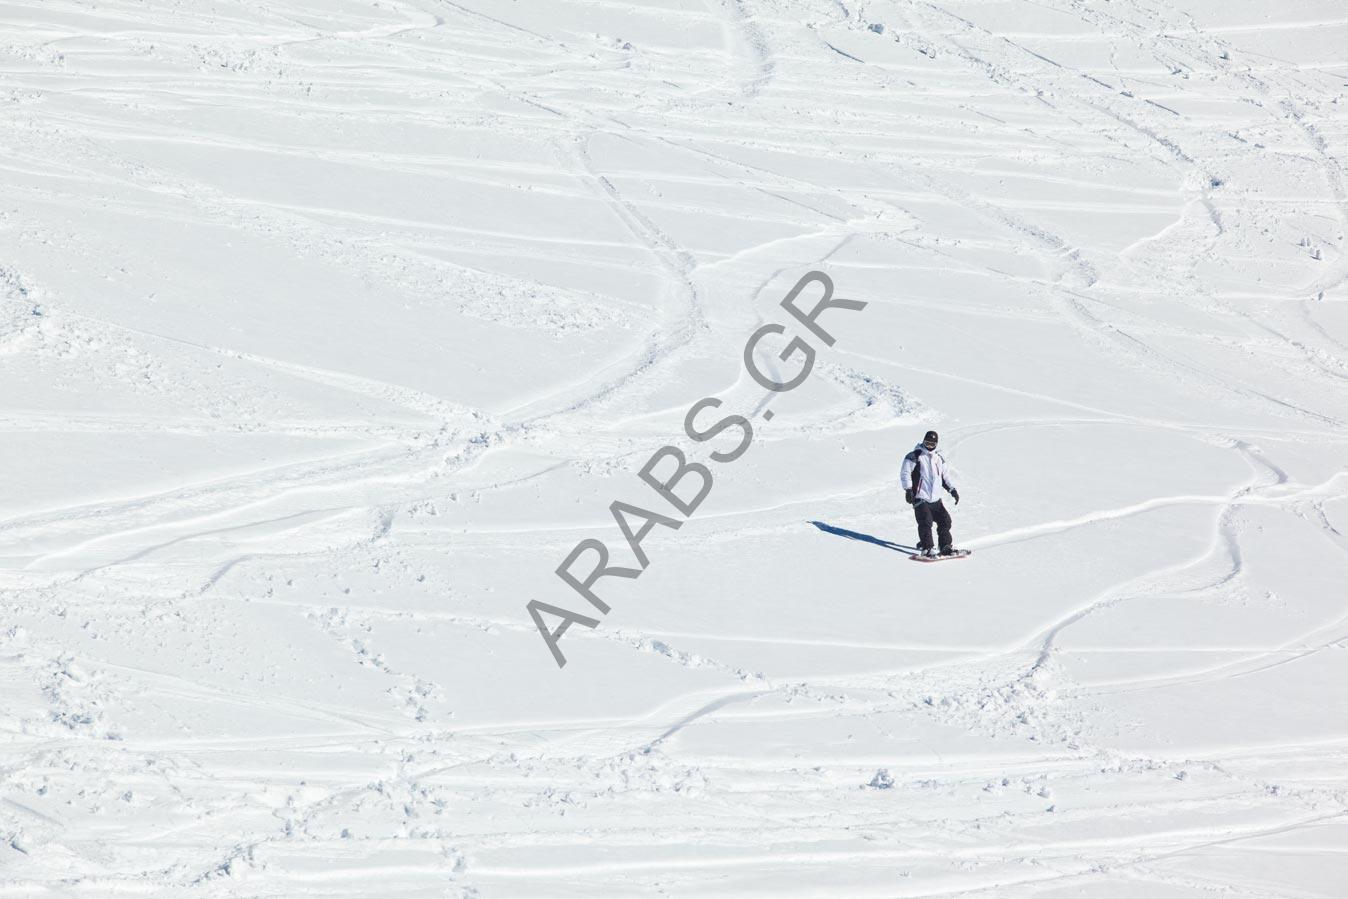 اليونان : أراخوفا - أشهر موقع سياحي في جبال بارناسو.. مكان يستحق الزيارة